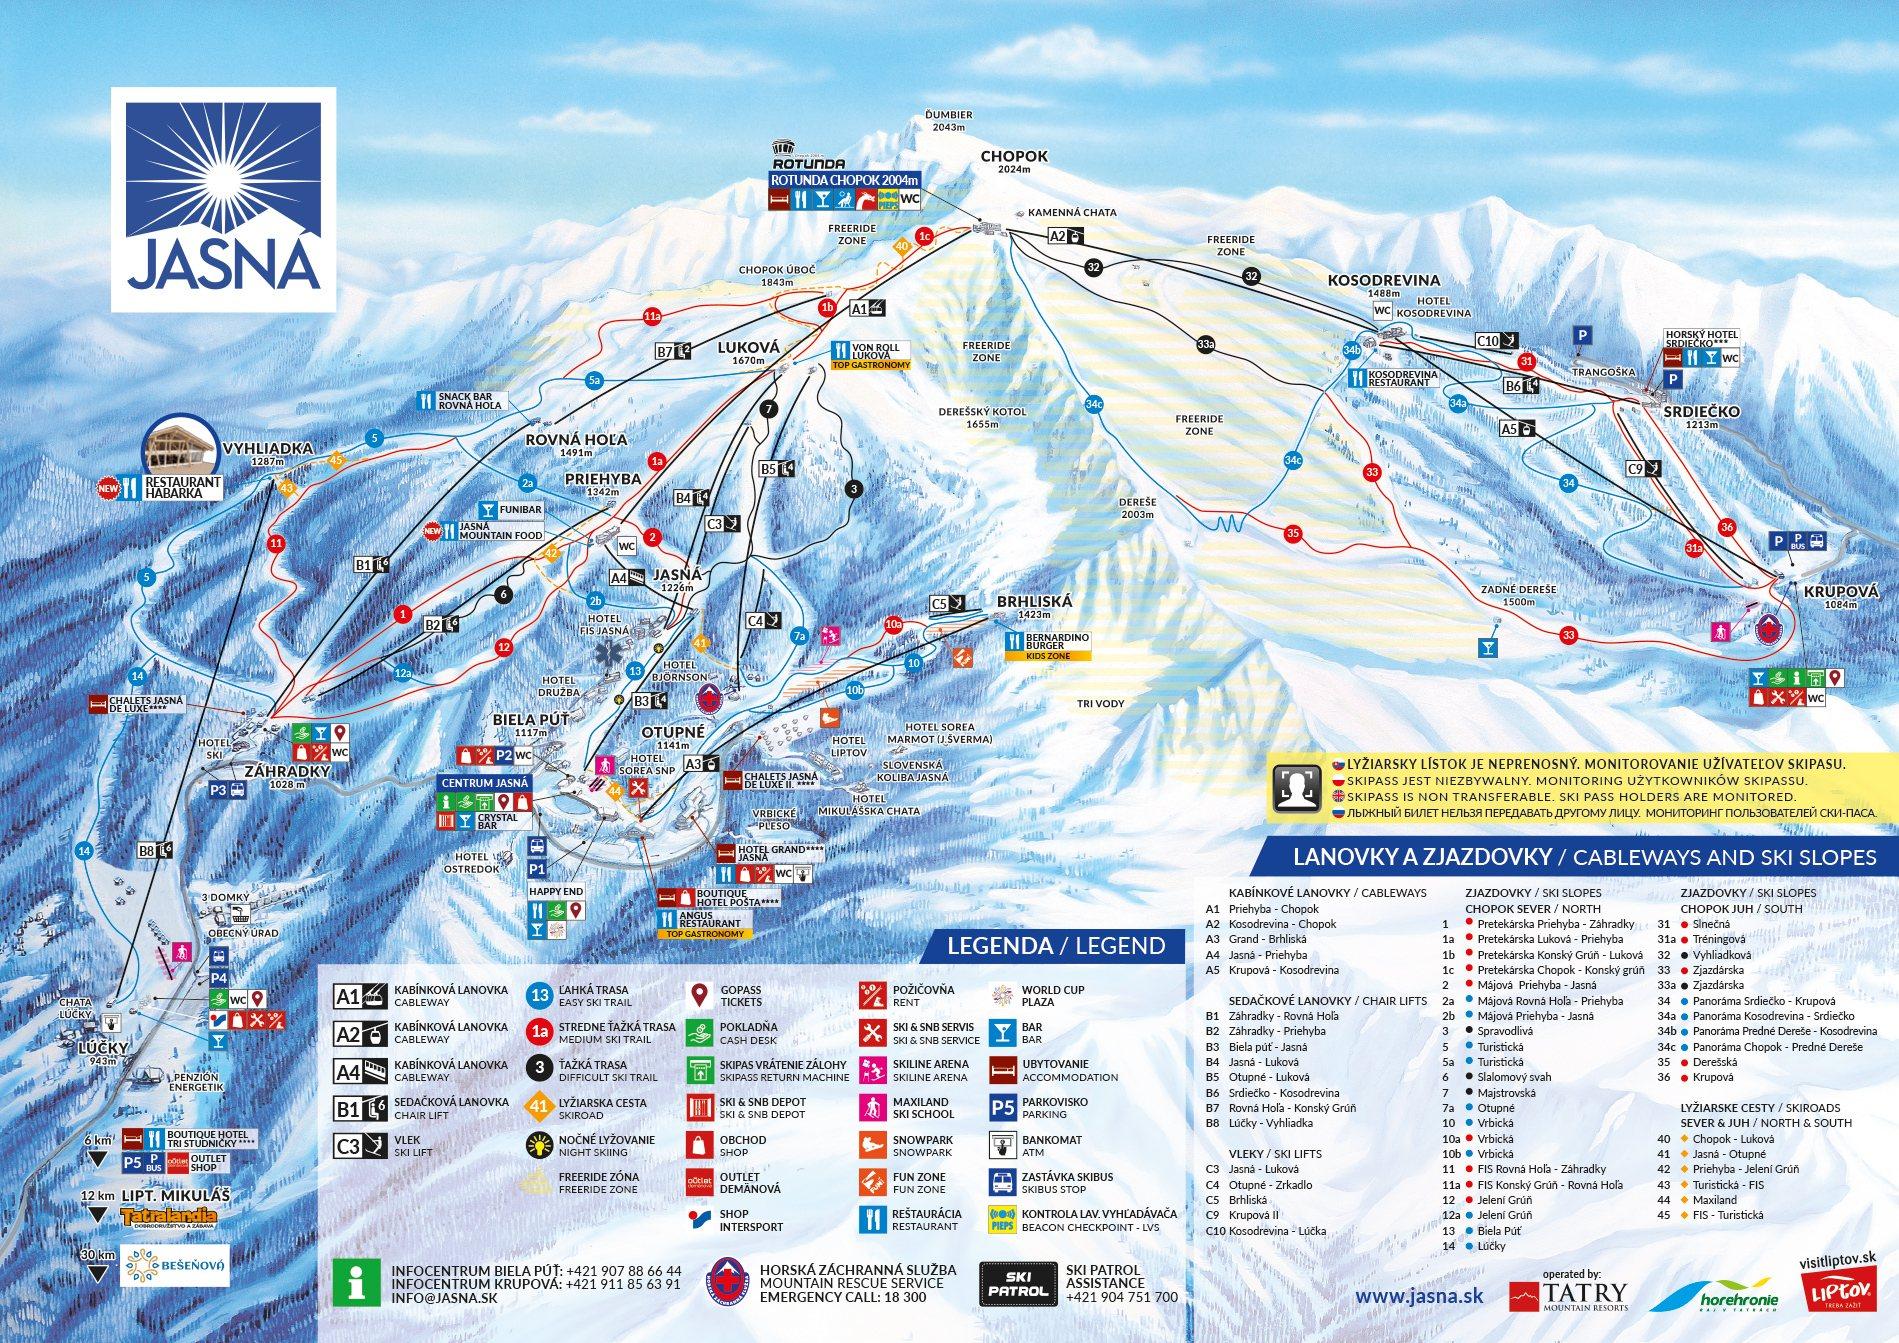 Jasna Nízke Tatry mapa